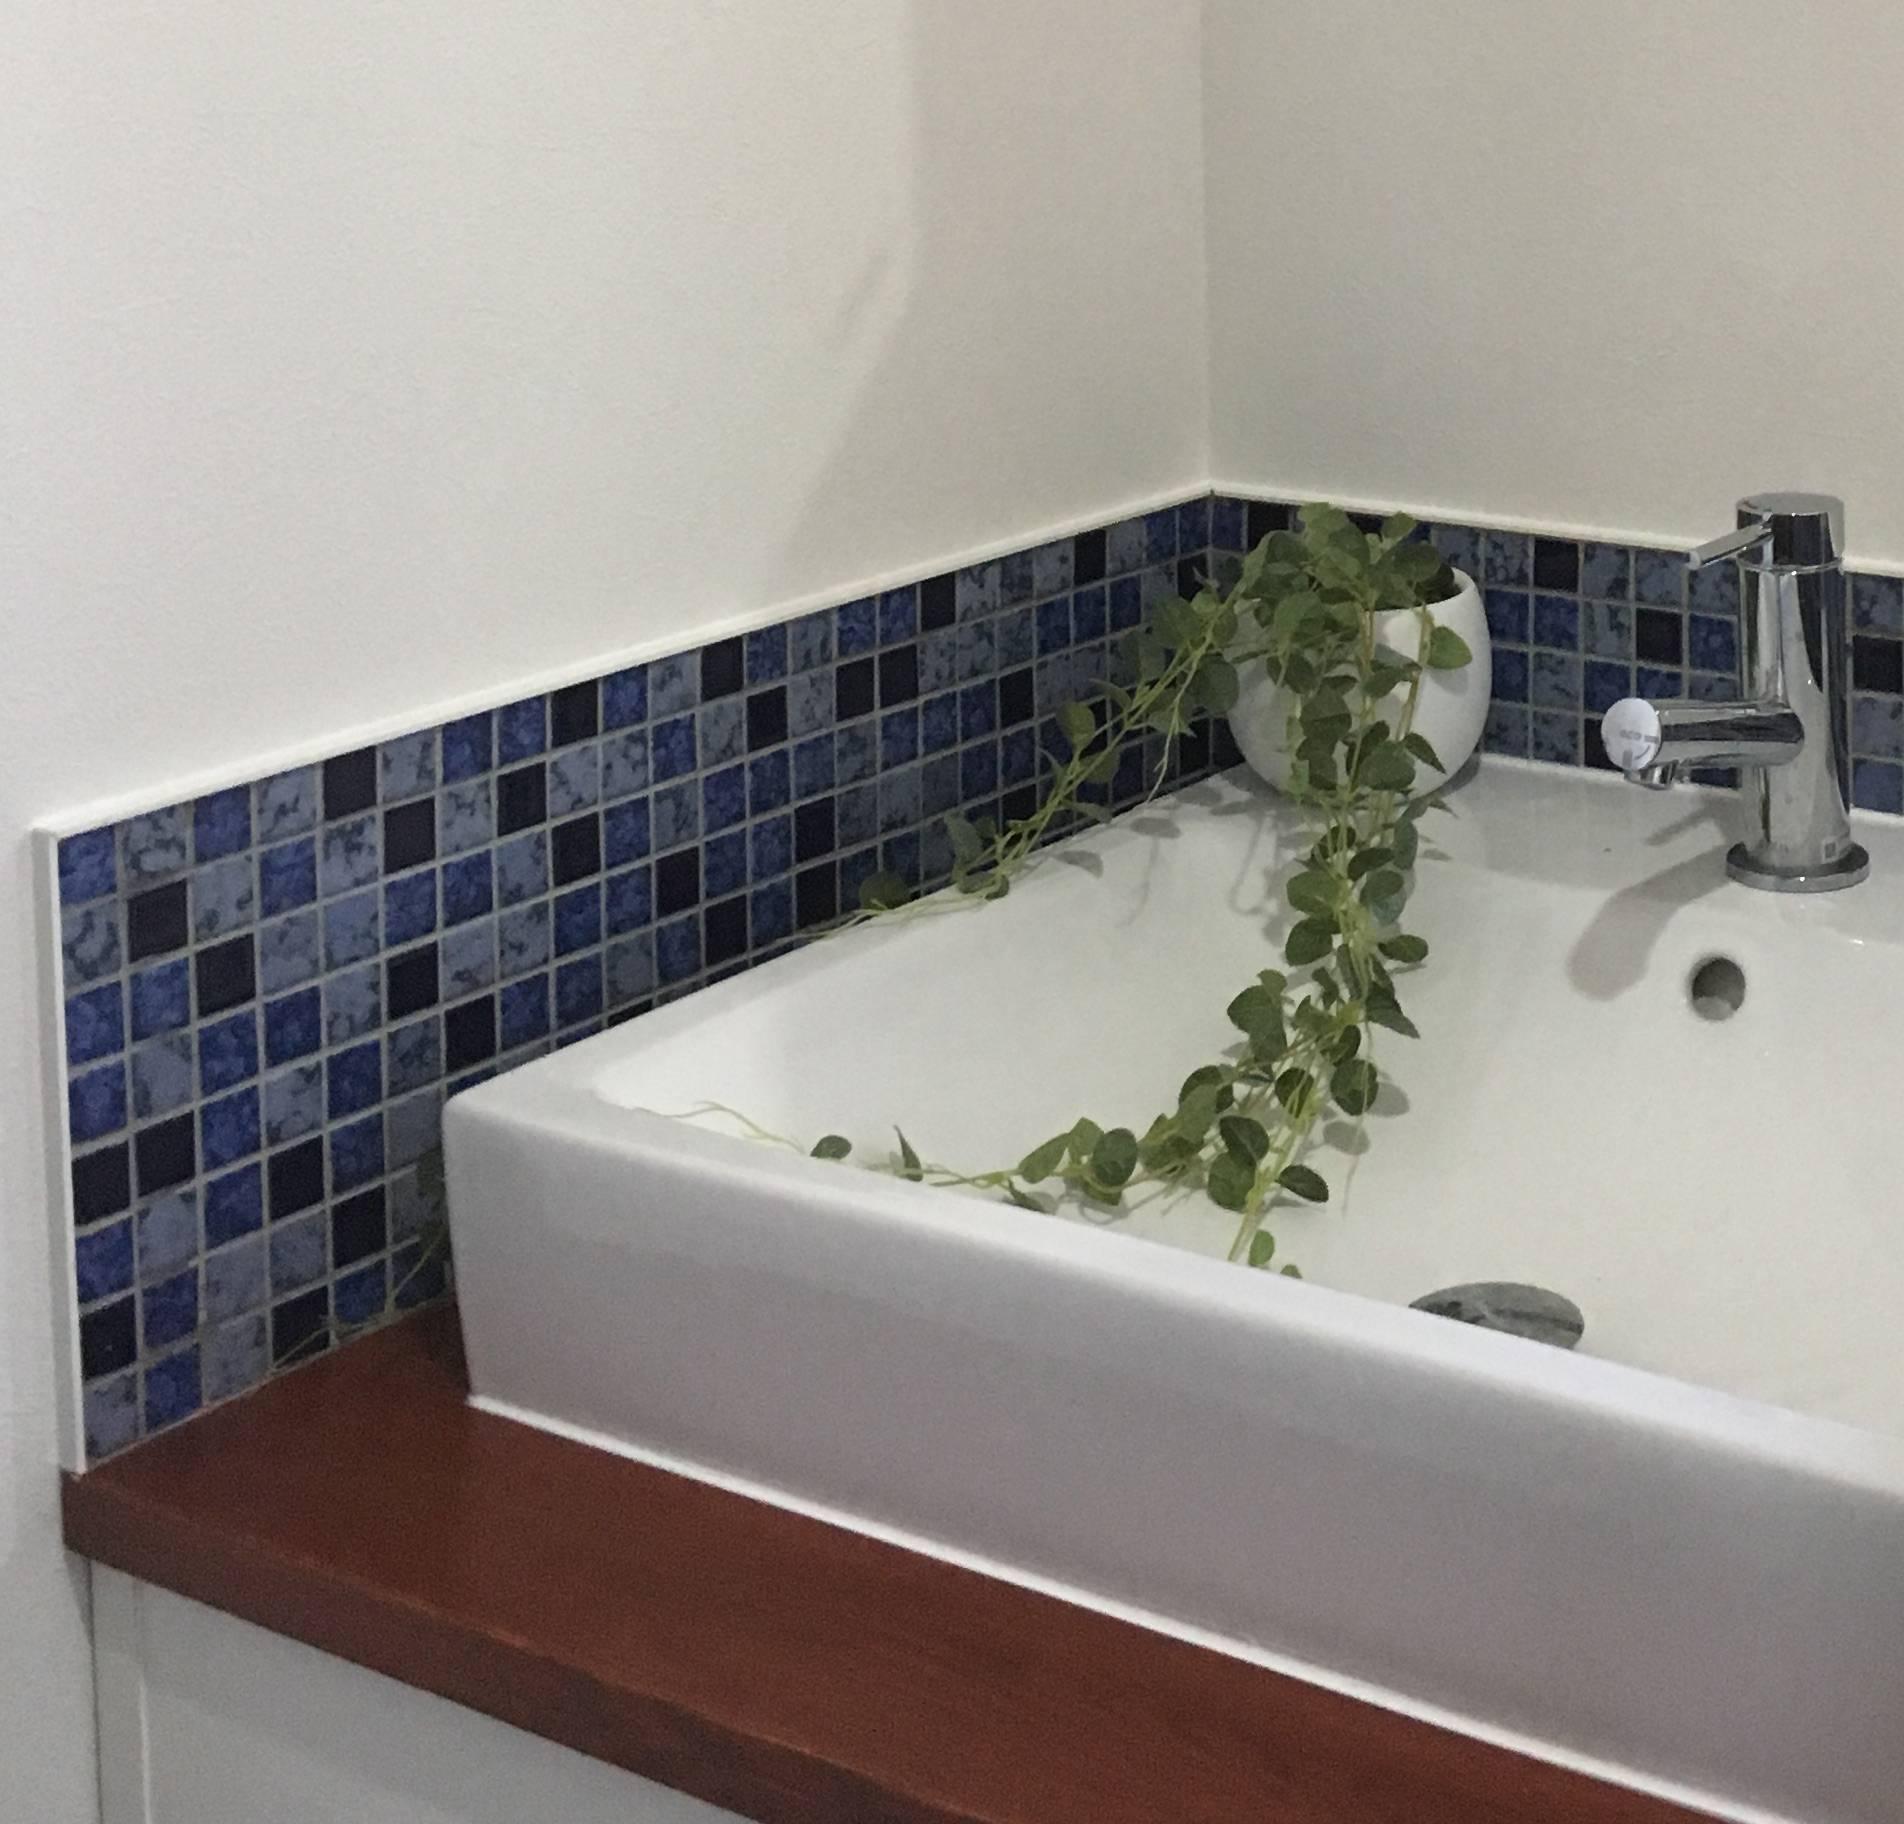 ブルータイルのオリジナル洗面化粧台 × 平塚市